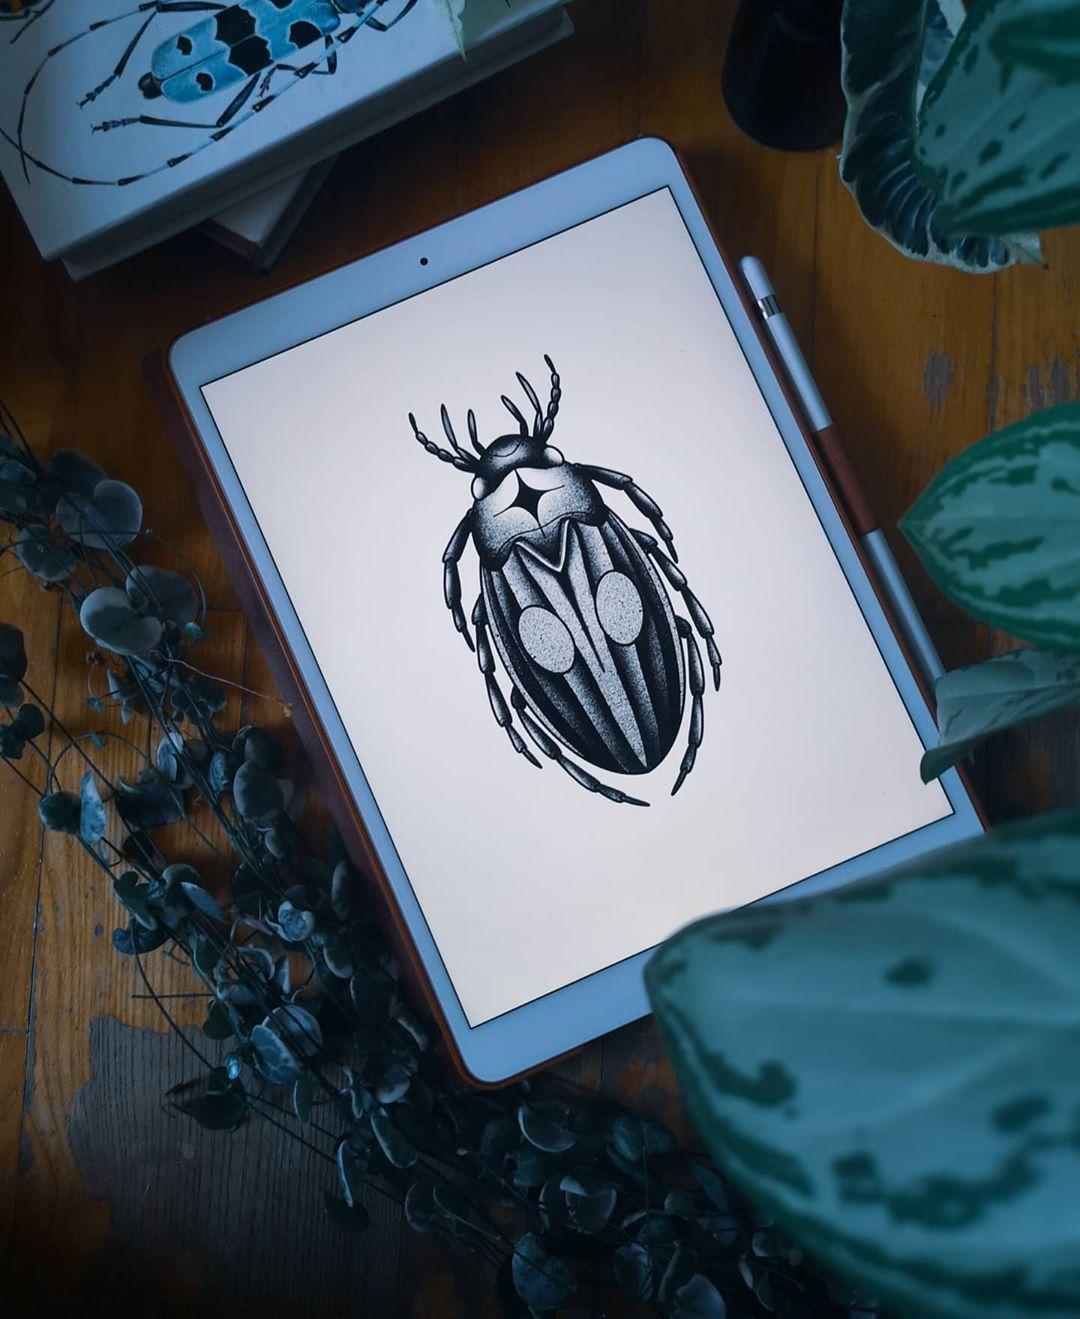 Pomysły mi się nie kończą, ale  rośliny do zdjęć owszem :D bardzo chciałabym zrobić tego robala, rozmiar do ustalenia, miejsce na ciele też, ktoś chętny?  #tattoo #ink #tatuaz #dotwork #dotworktattoo #polandtattoos #cracowtattoos #bugtattoo #iblackwork #tattoodo #tattooidea #available #krakow